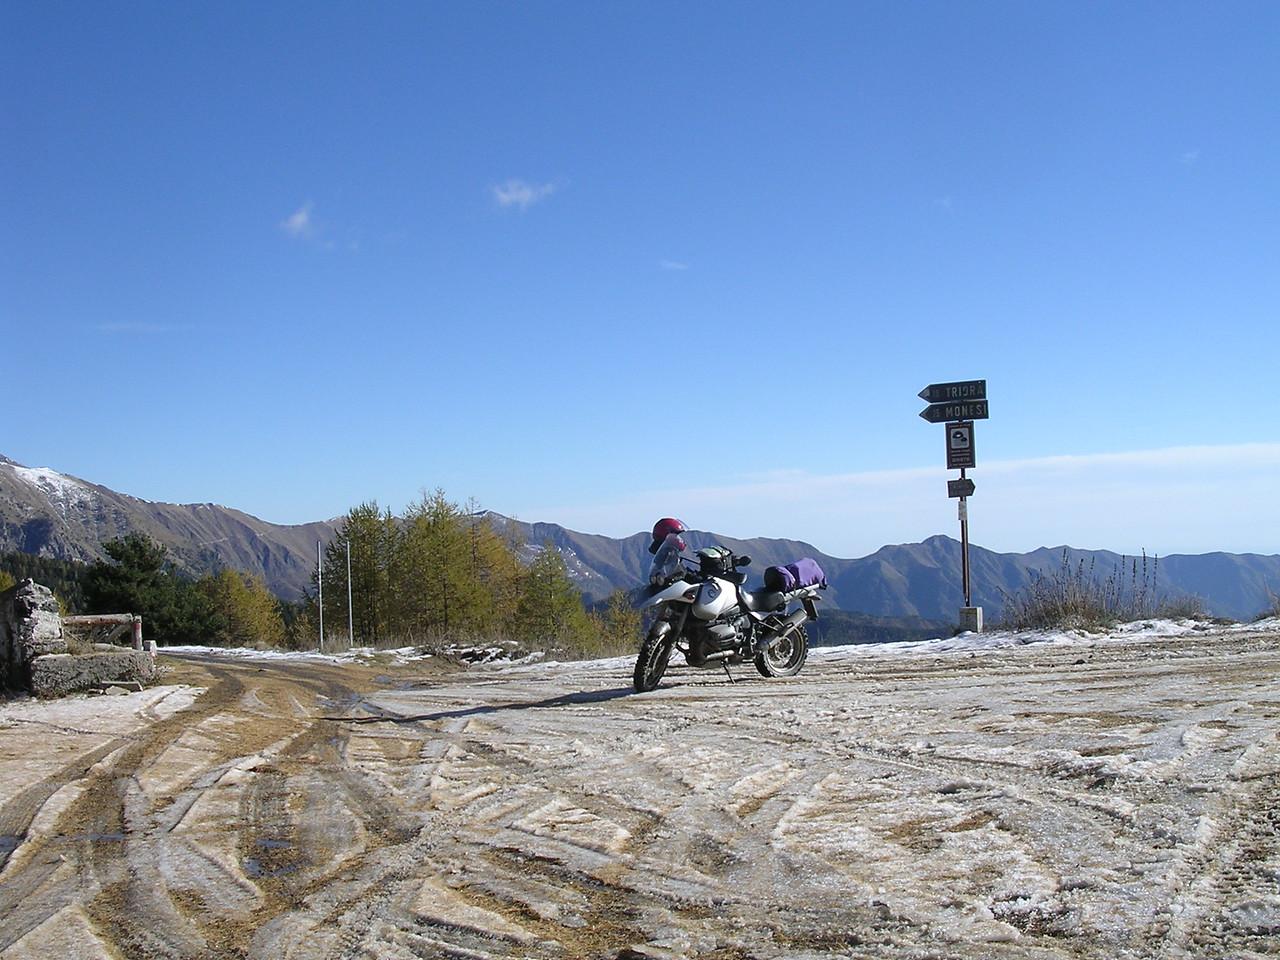 Baisse di Sanson, kruispunt op LGKS